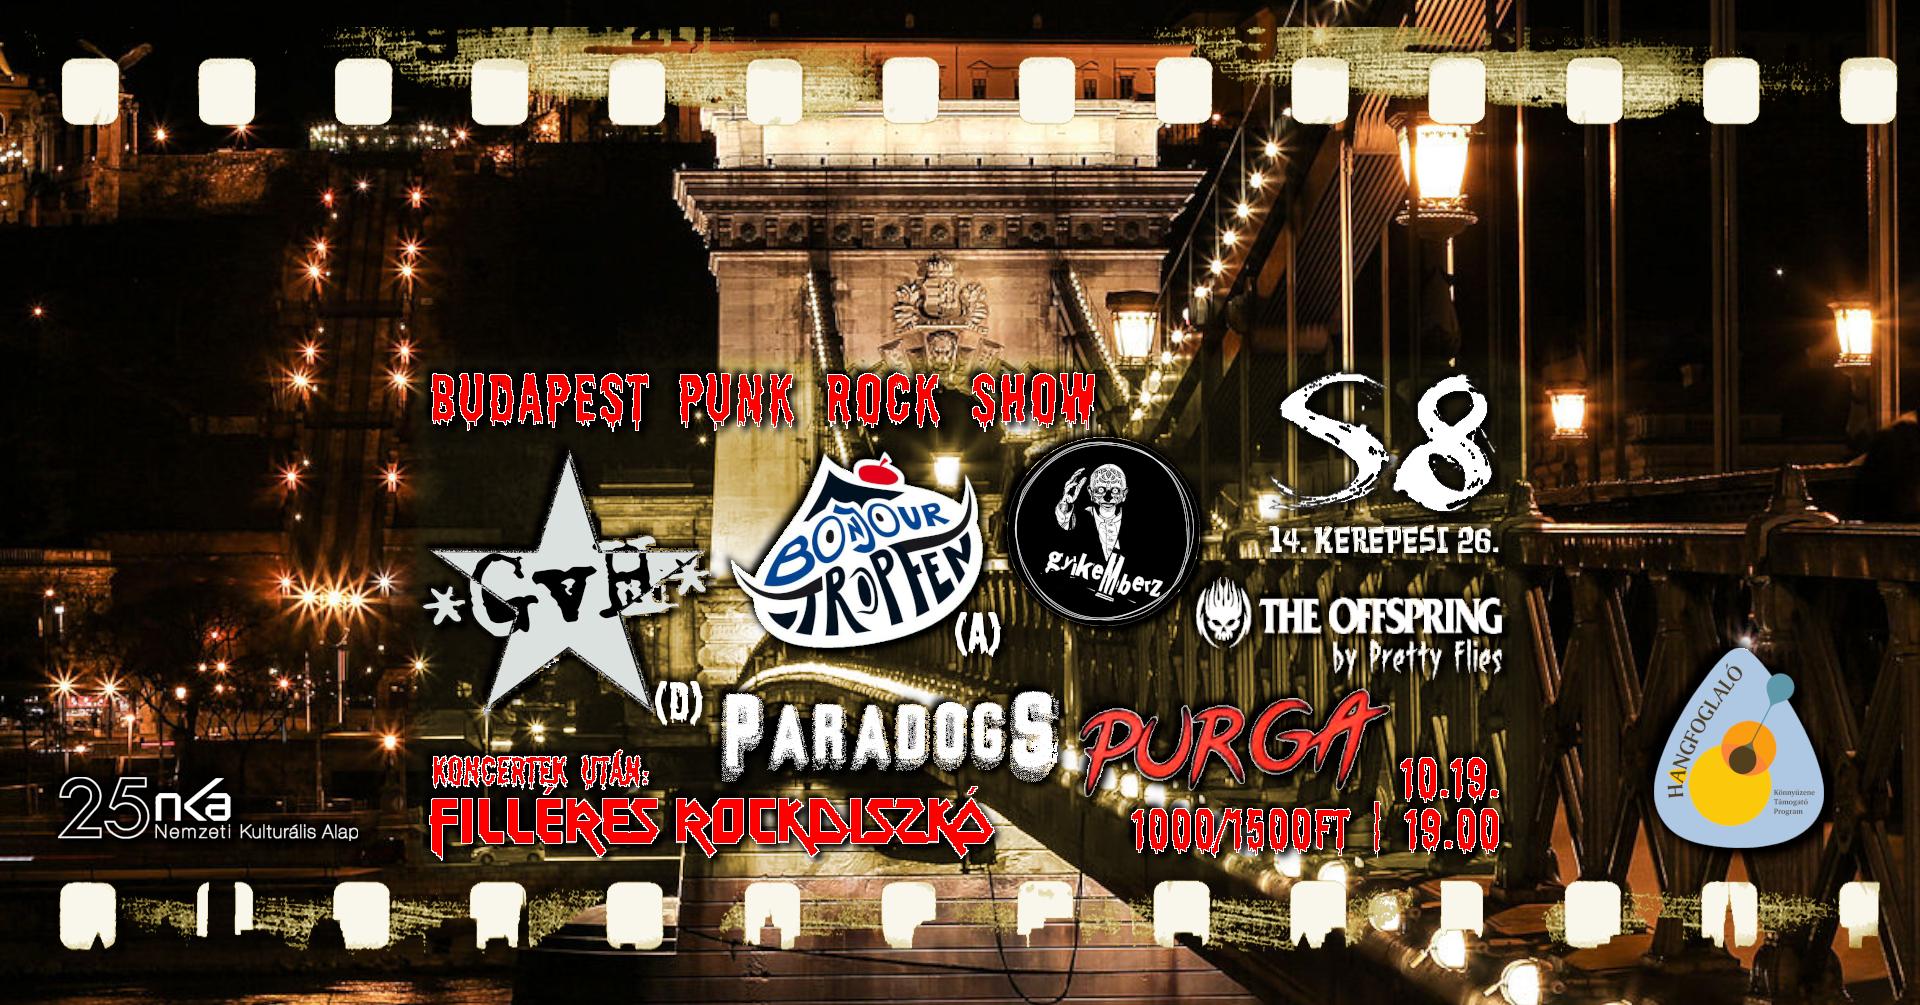 Budapest Punk Rock Show - S8 I GvH - Gisela von Hinten [D] I Bonjour Tropfen [A]